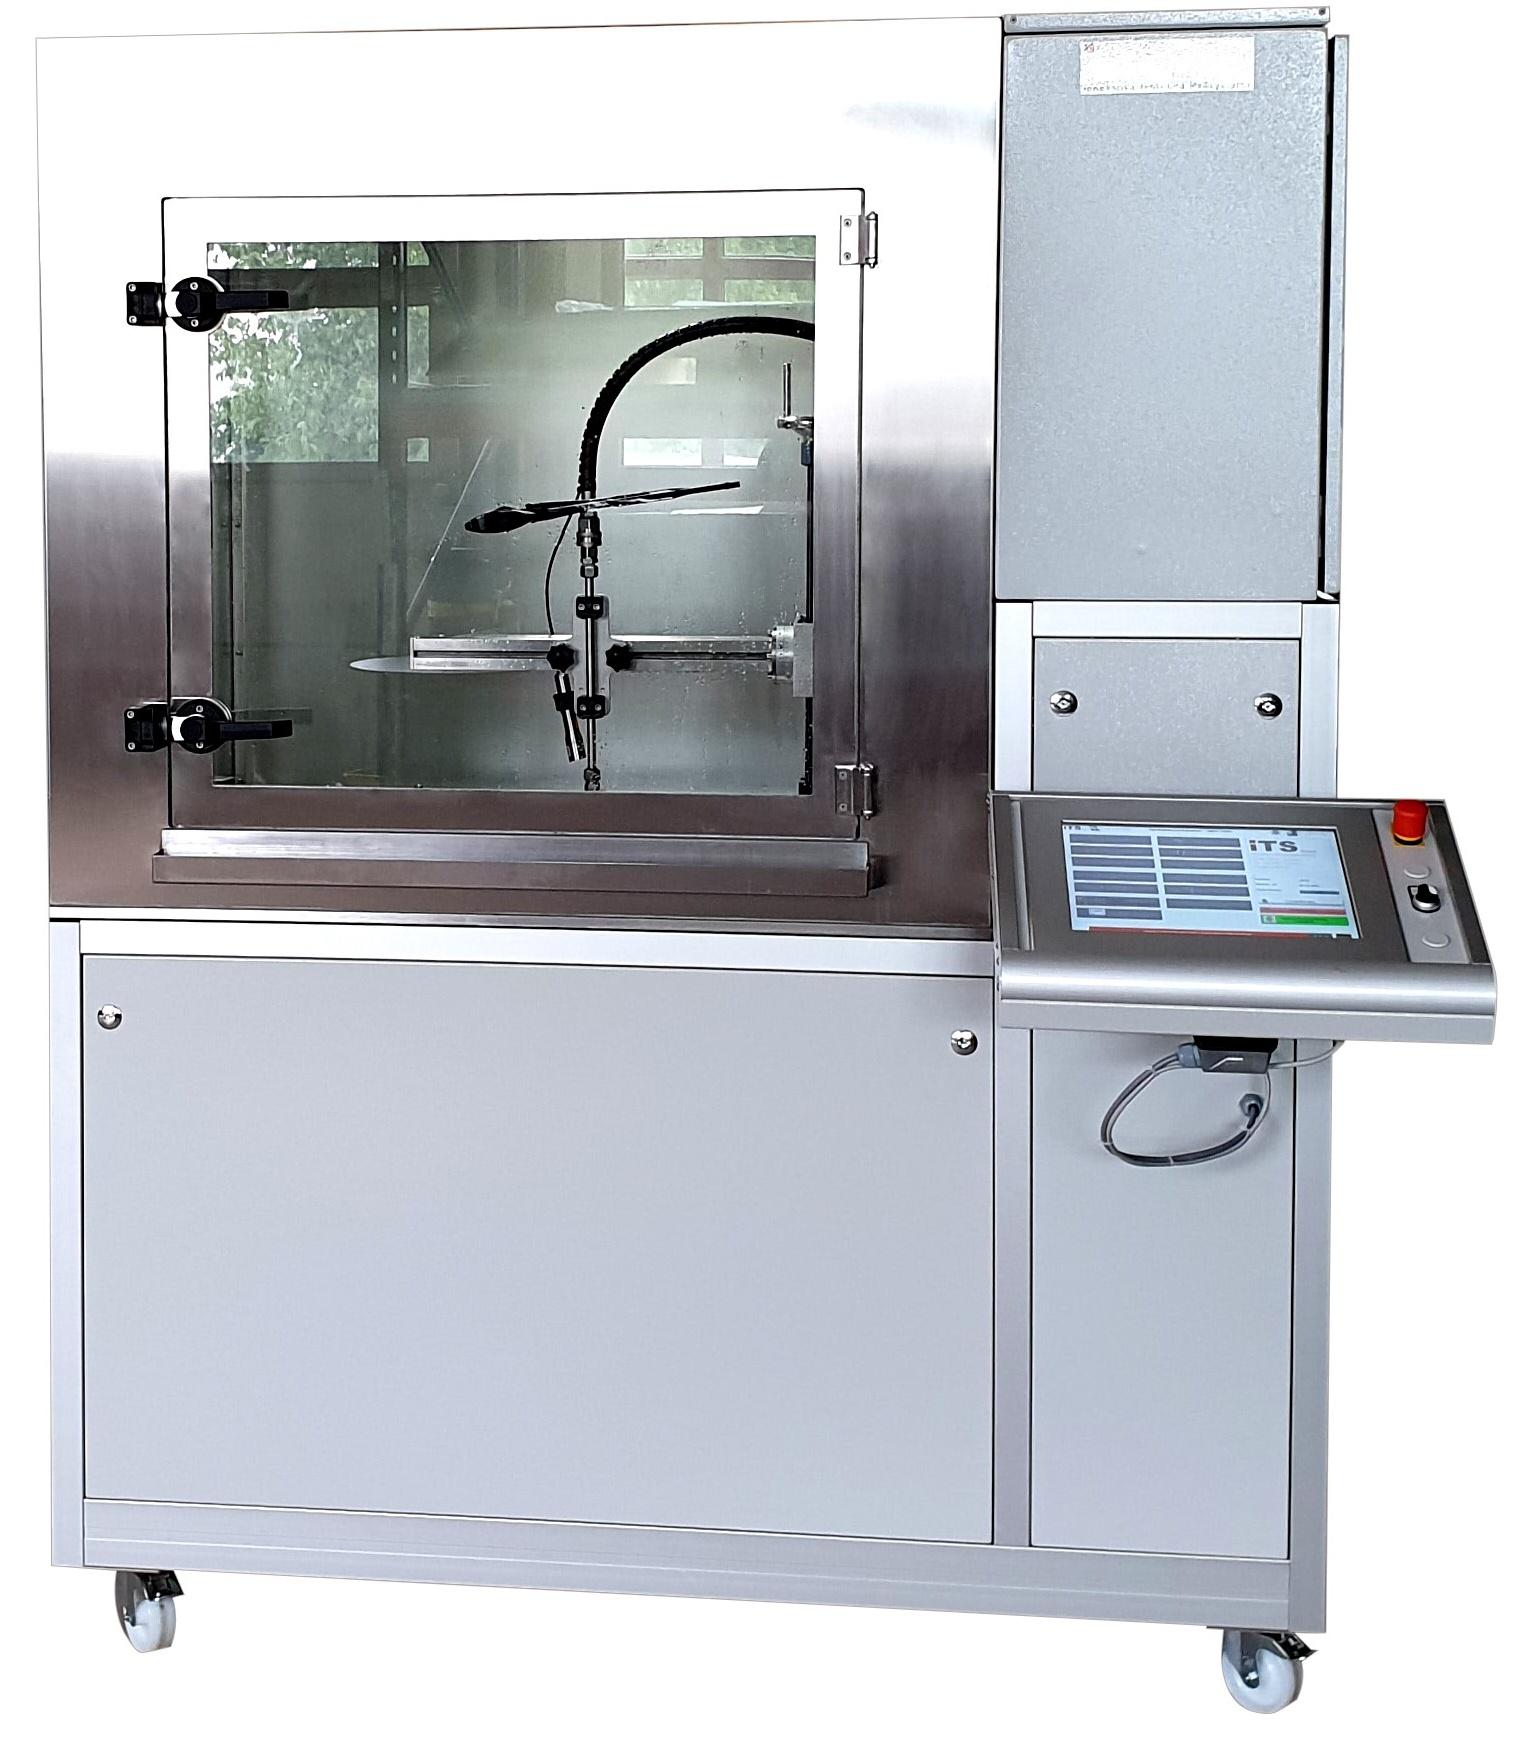 Druckwasserstrahlprüfung